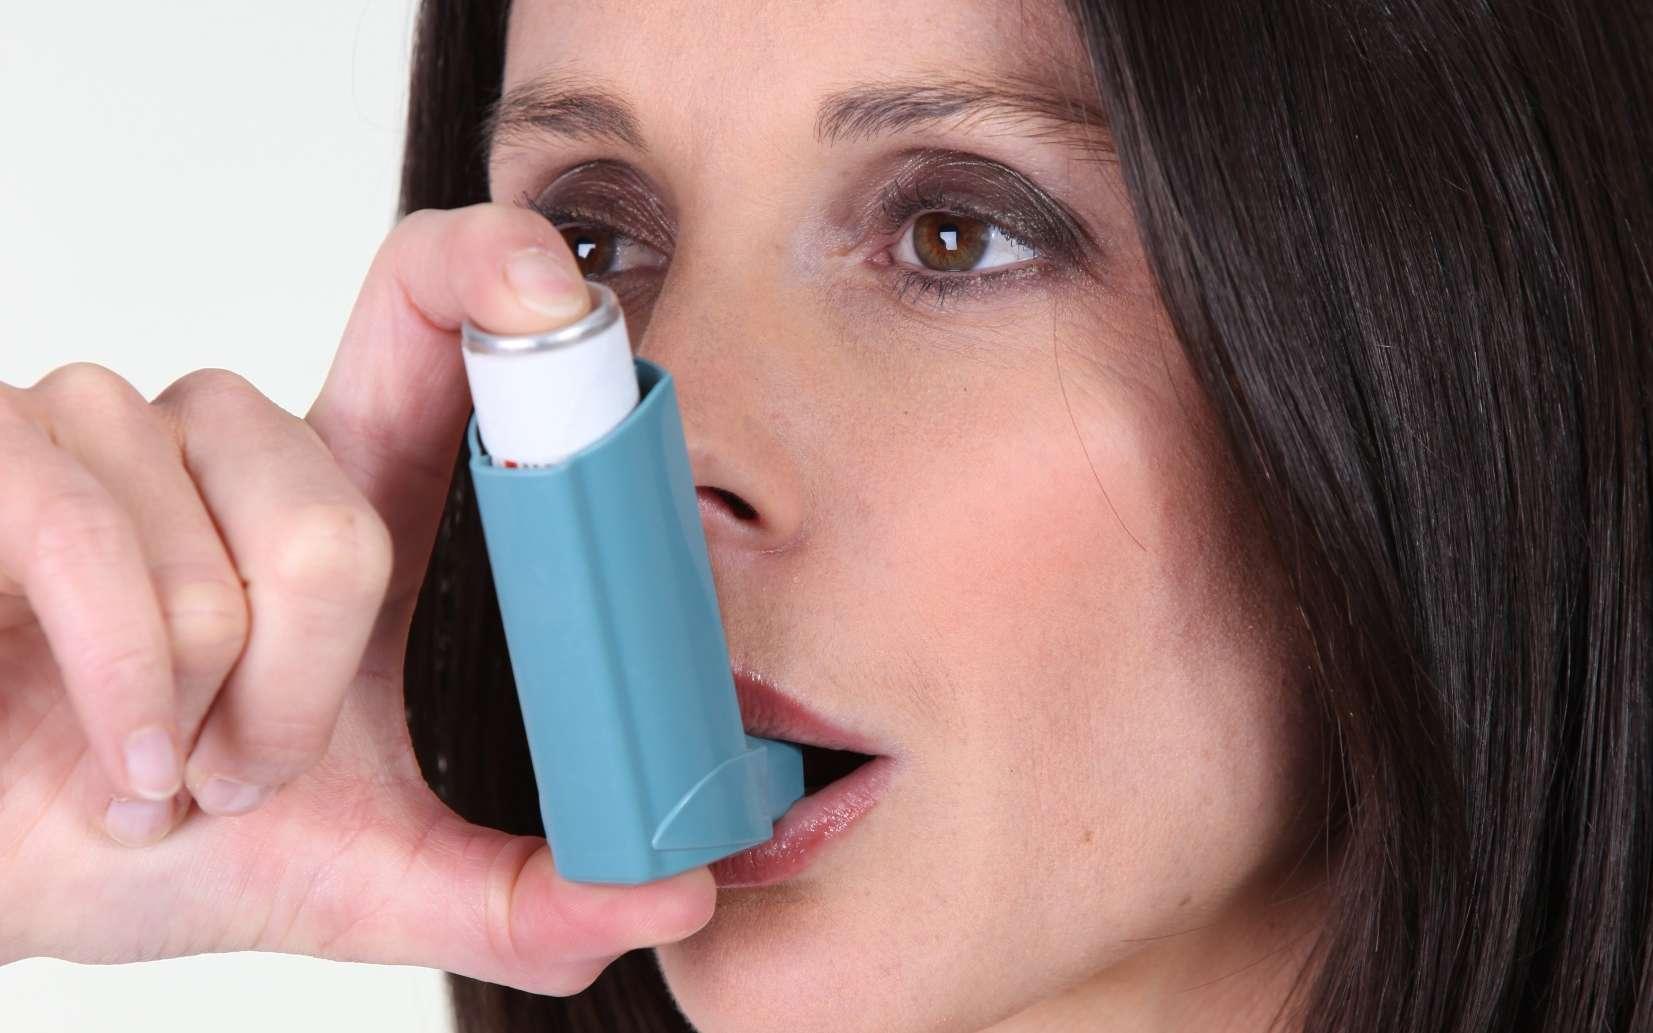 Les asthmatiques inhalent des bronchodilatateurs en cas de crise. © Phovoir